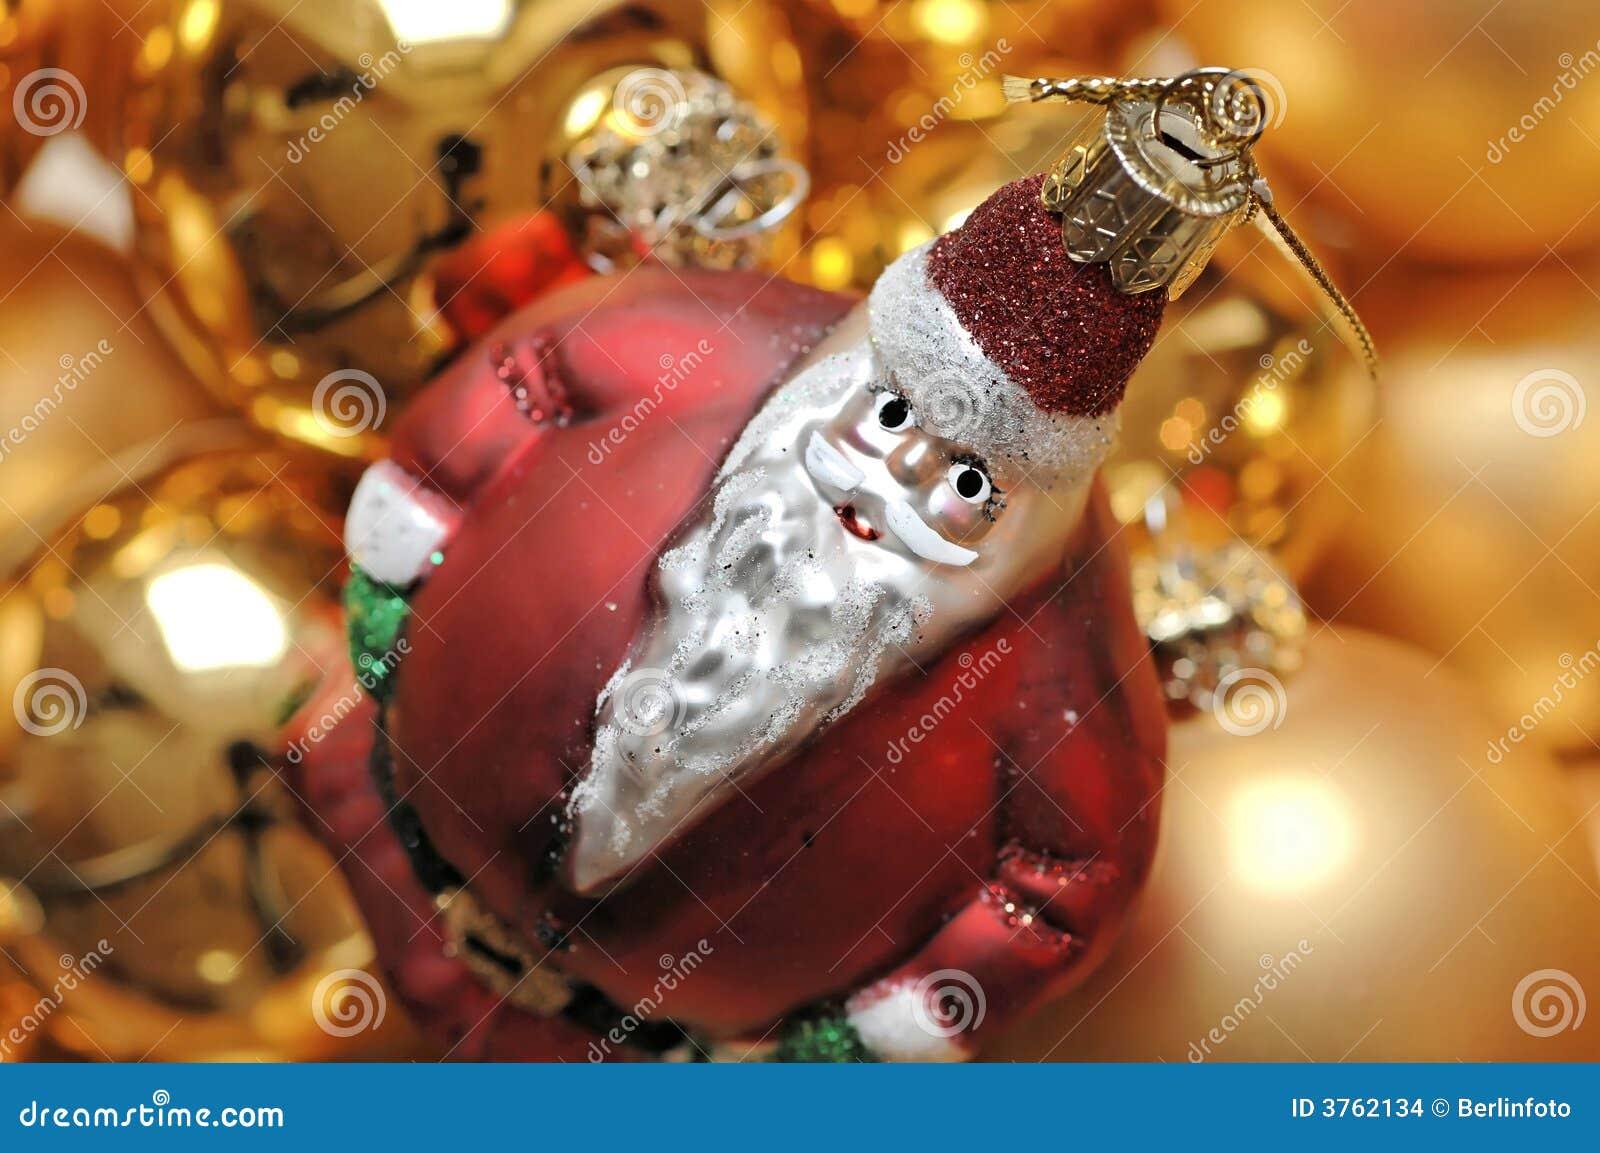 De decoratie van kerstmis van de kerstman stock afbeeldingen afbeelding 3762134 - Decoratie van de villas ...